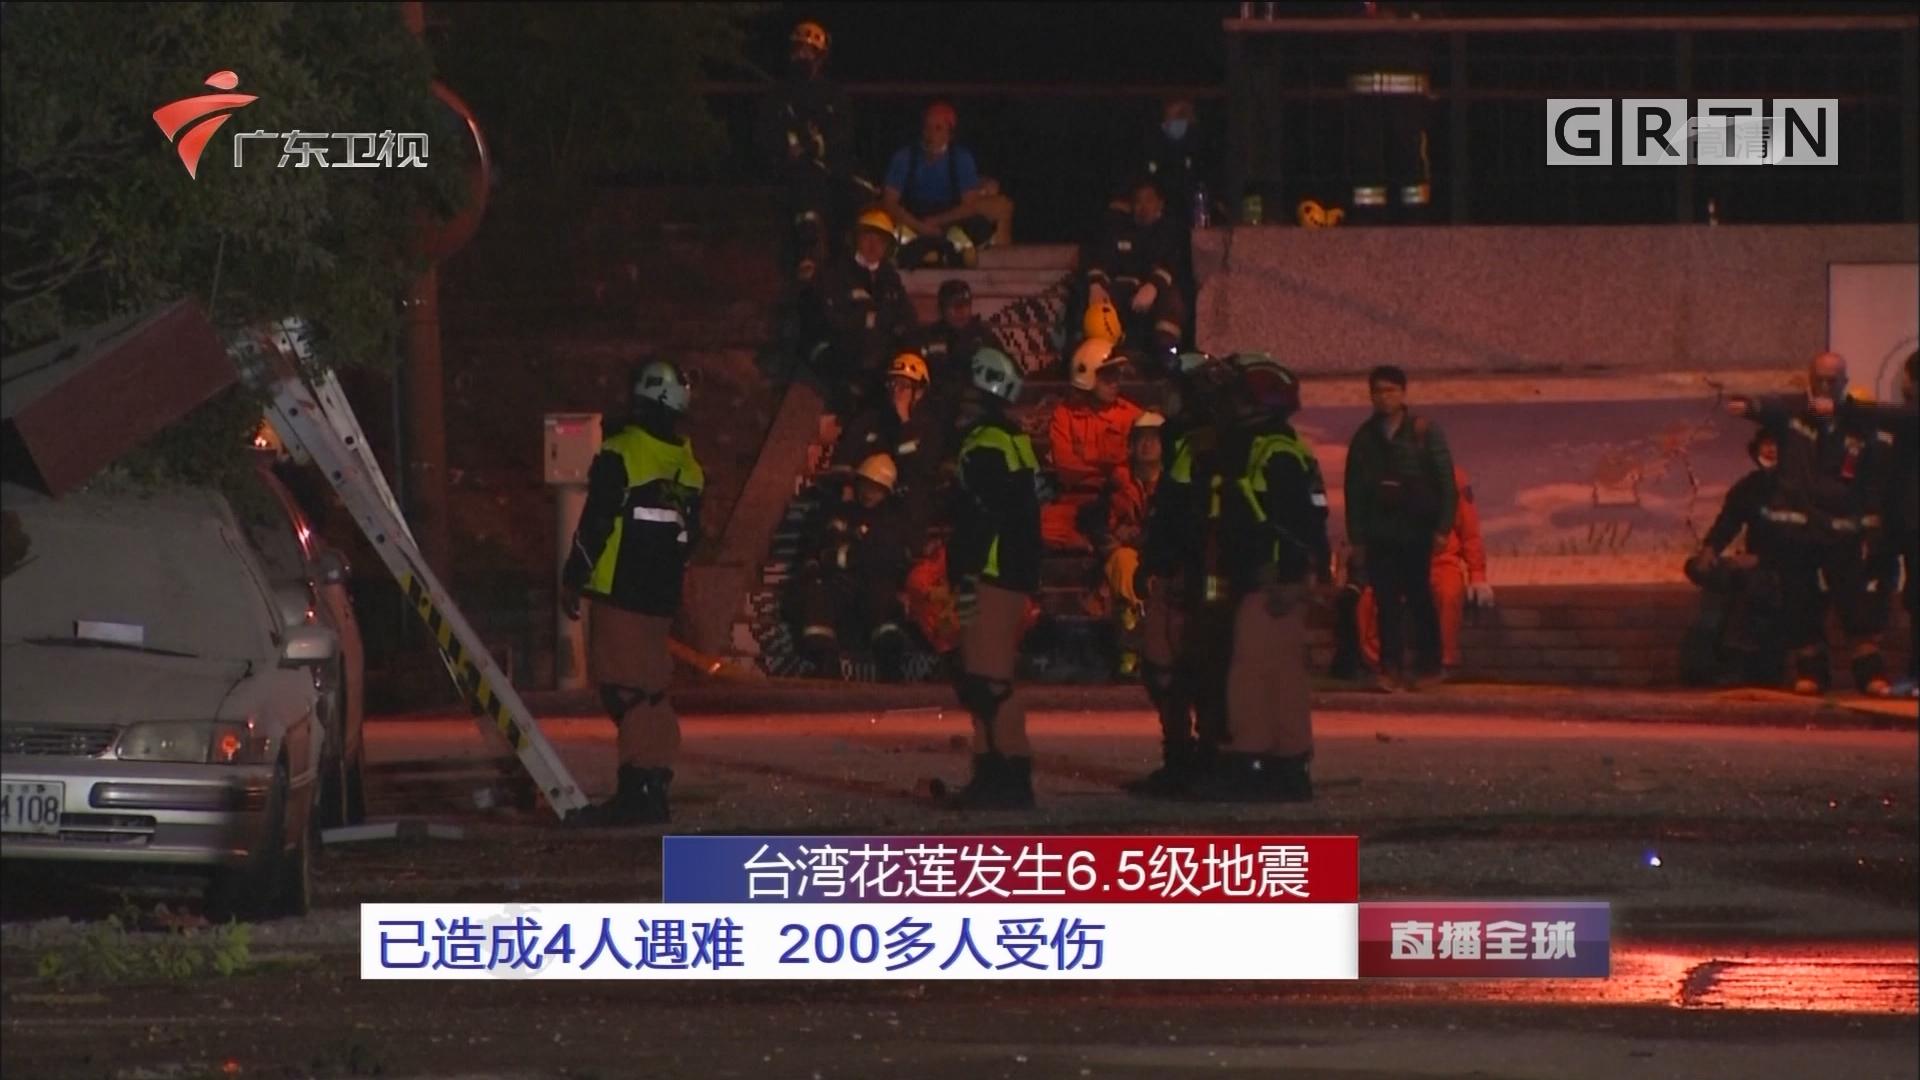 台湾花莲发生6.5级地震:已造成4人遇难 200多人受伤